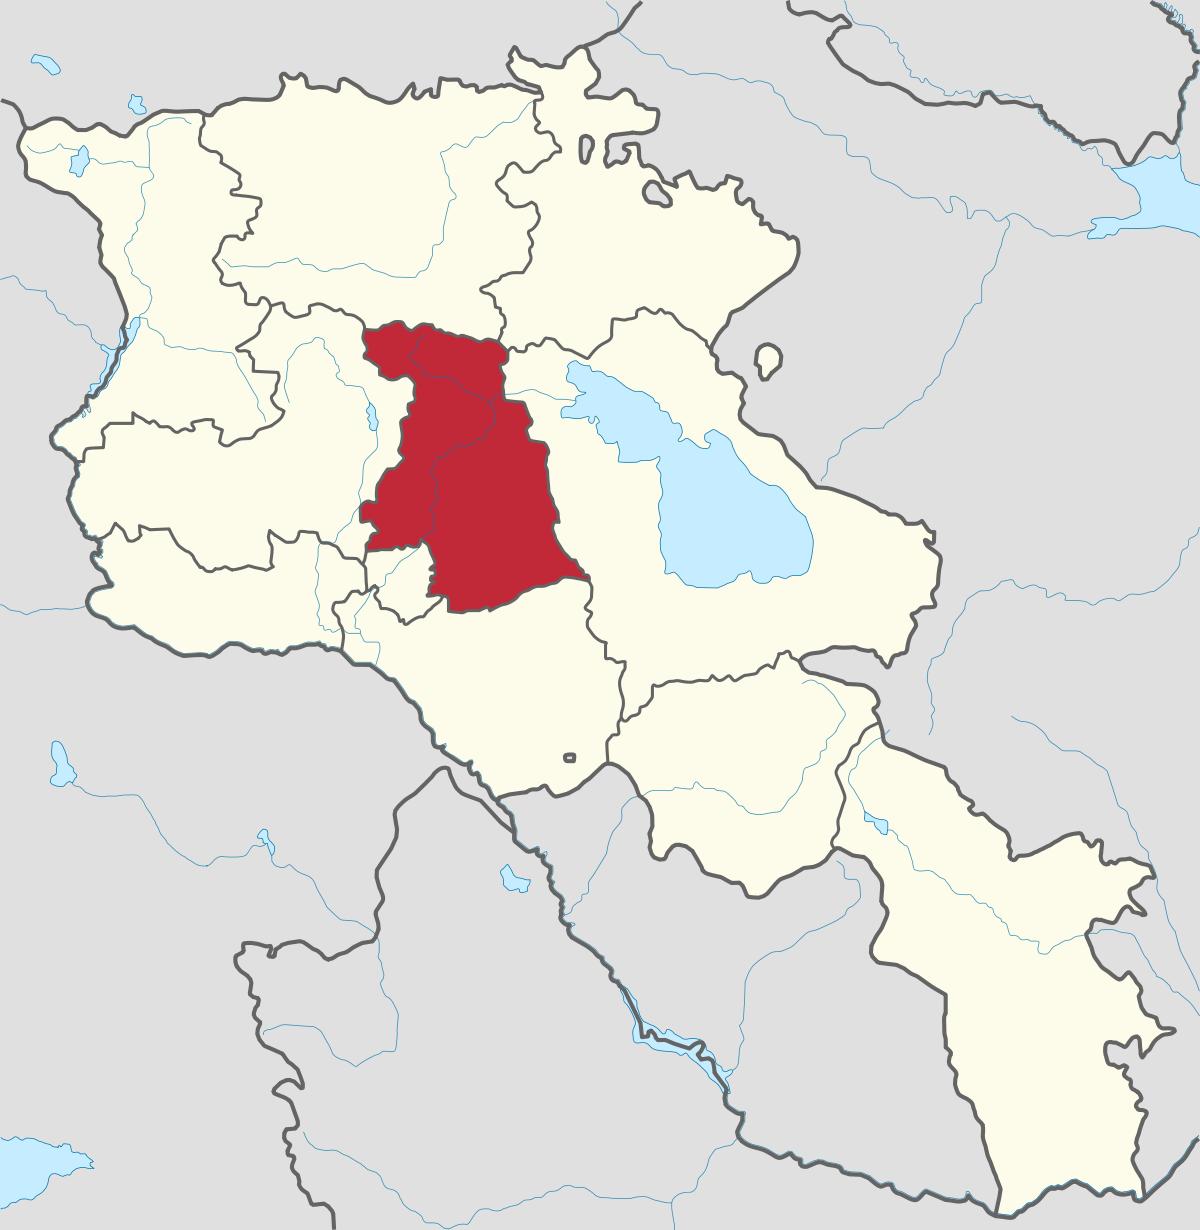 Kotajk Region